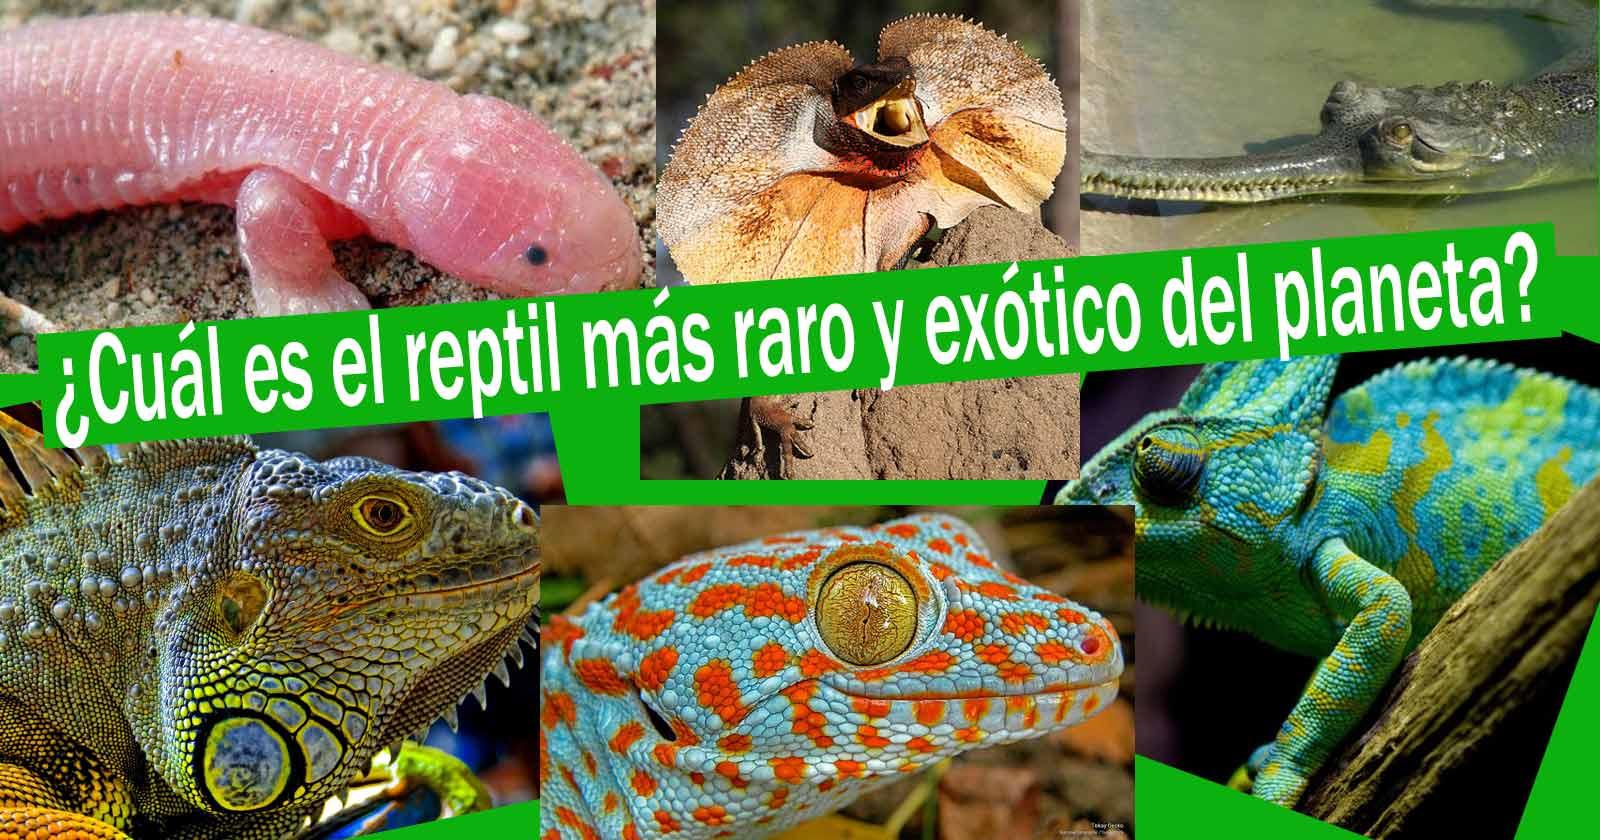 Los 6 reptiles más exóticos, raros y bellos (Quien ocupa la posición #1)